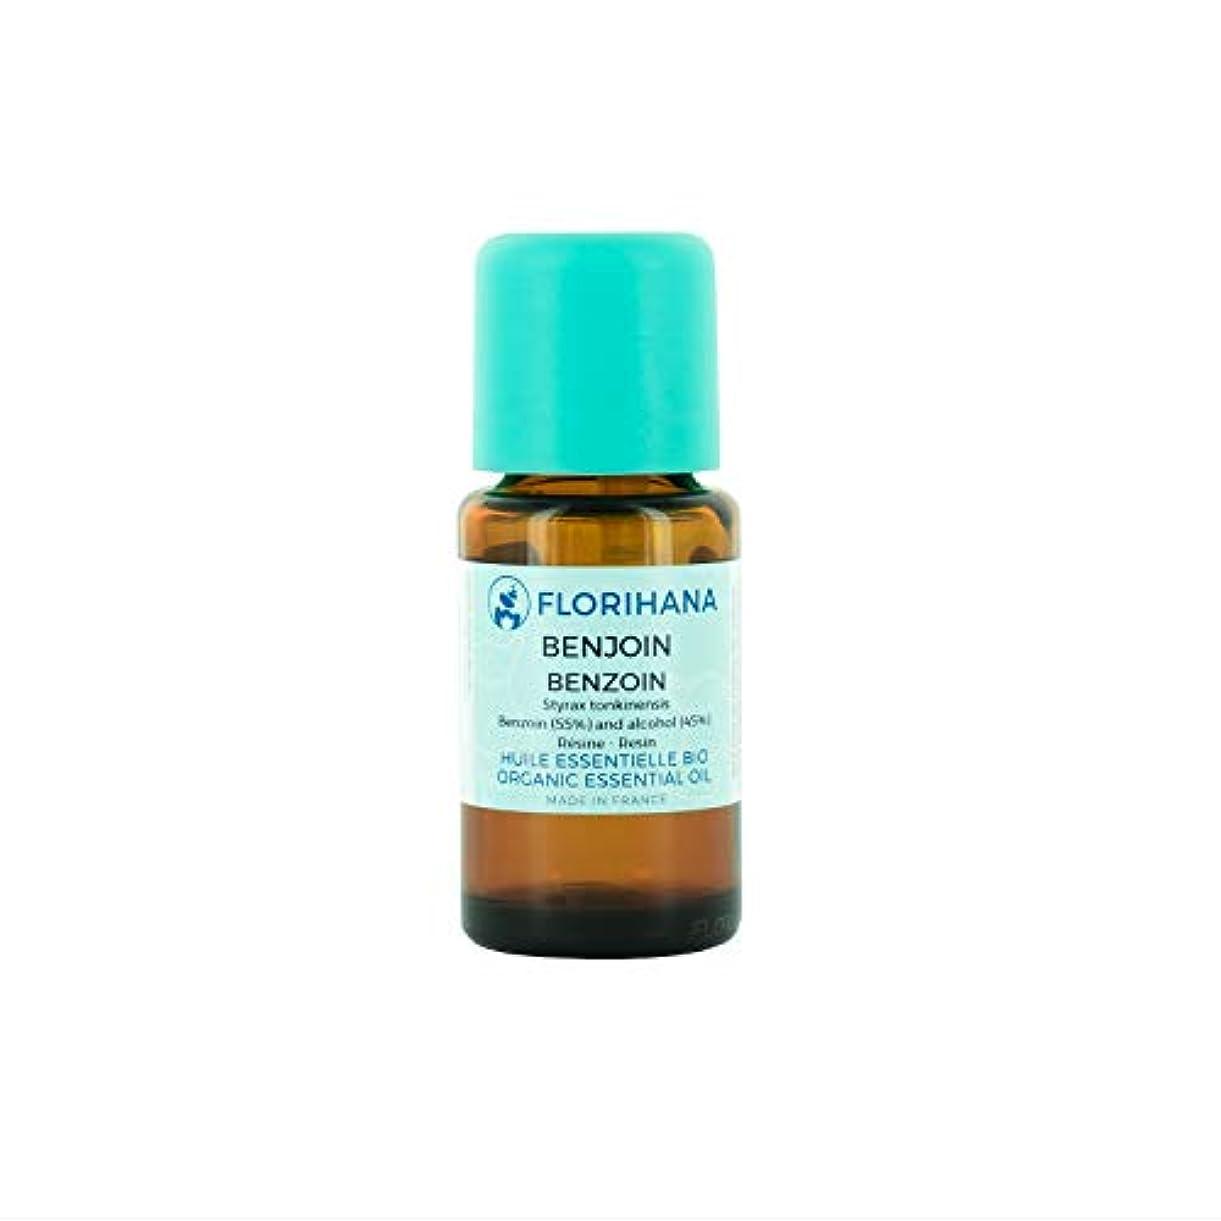 技術バッテリー変化するFlorihana オーガニックエッセンシャルオイル ベンゾイン 5g(5ml)